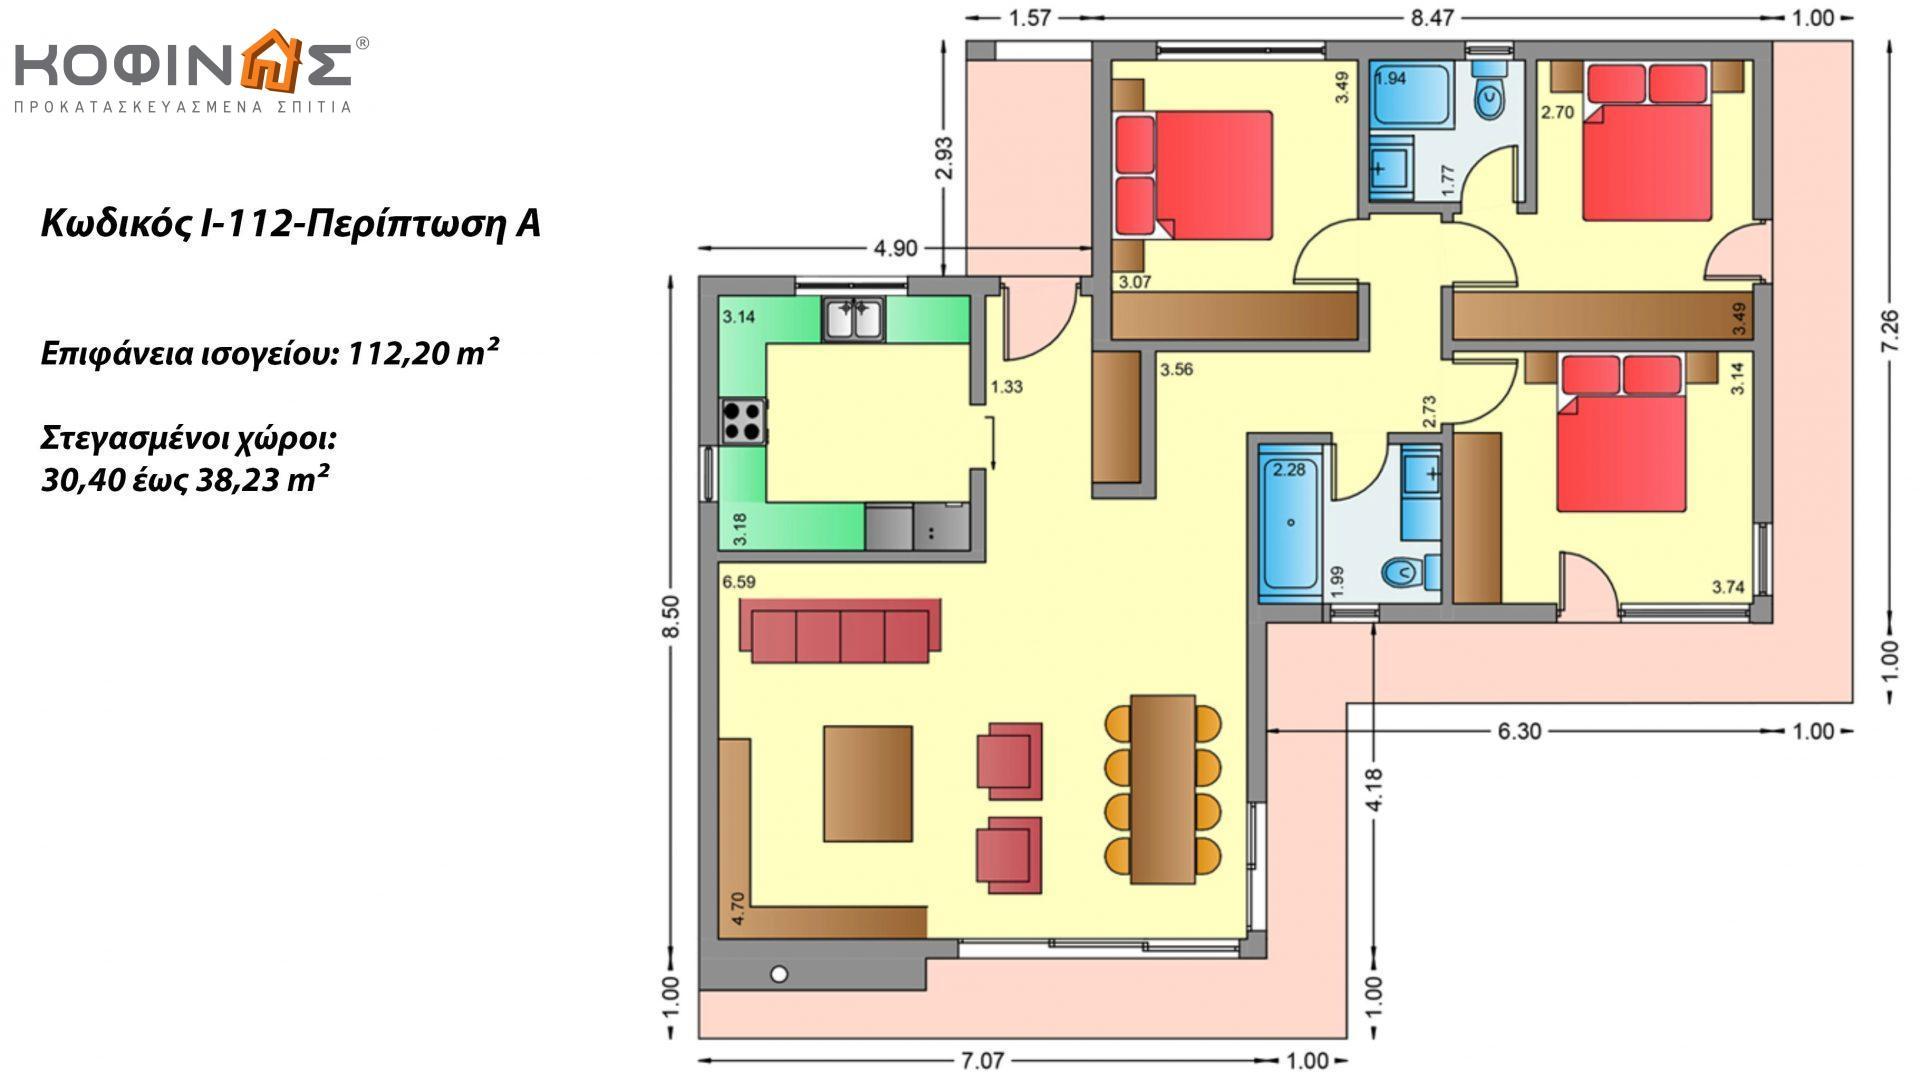 Ισόγεια Κατοικία I-112 συνολικής επιφάνειας 113,21 τ.μ., στεγασμένοι χώροι 19,21 τ.μ.